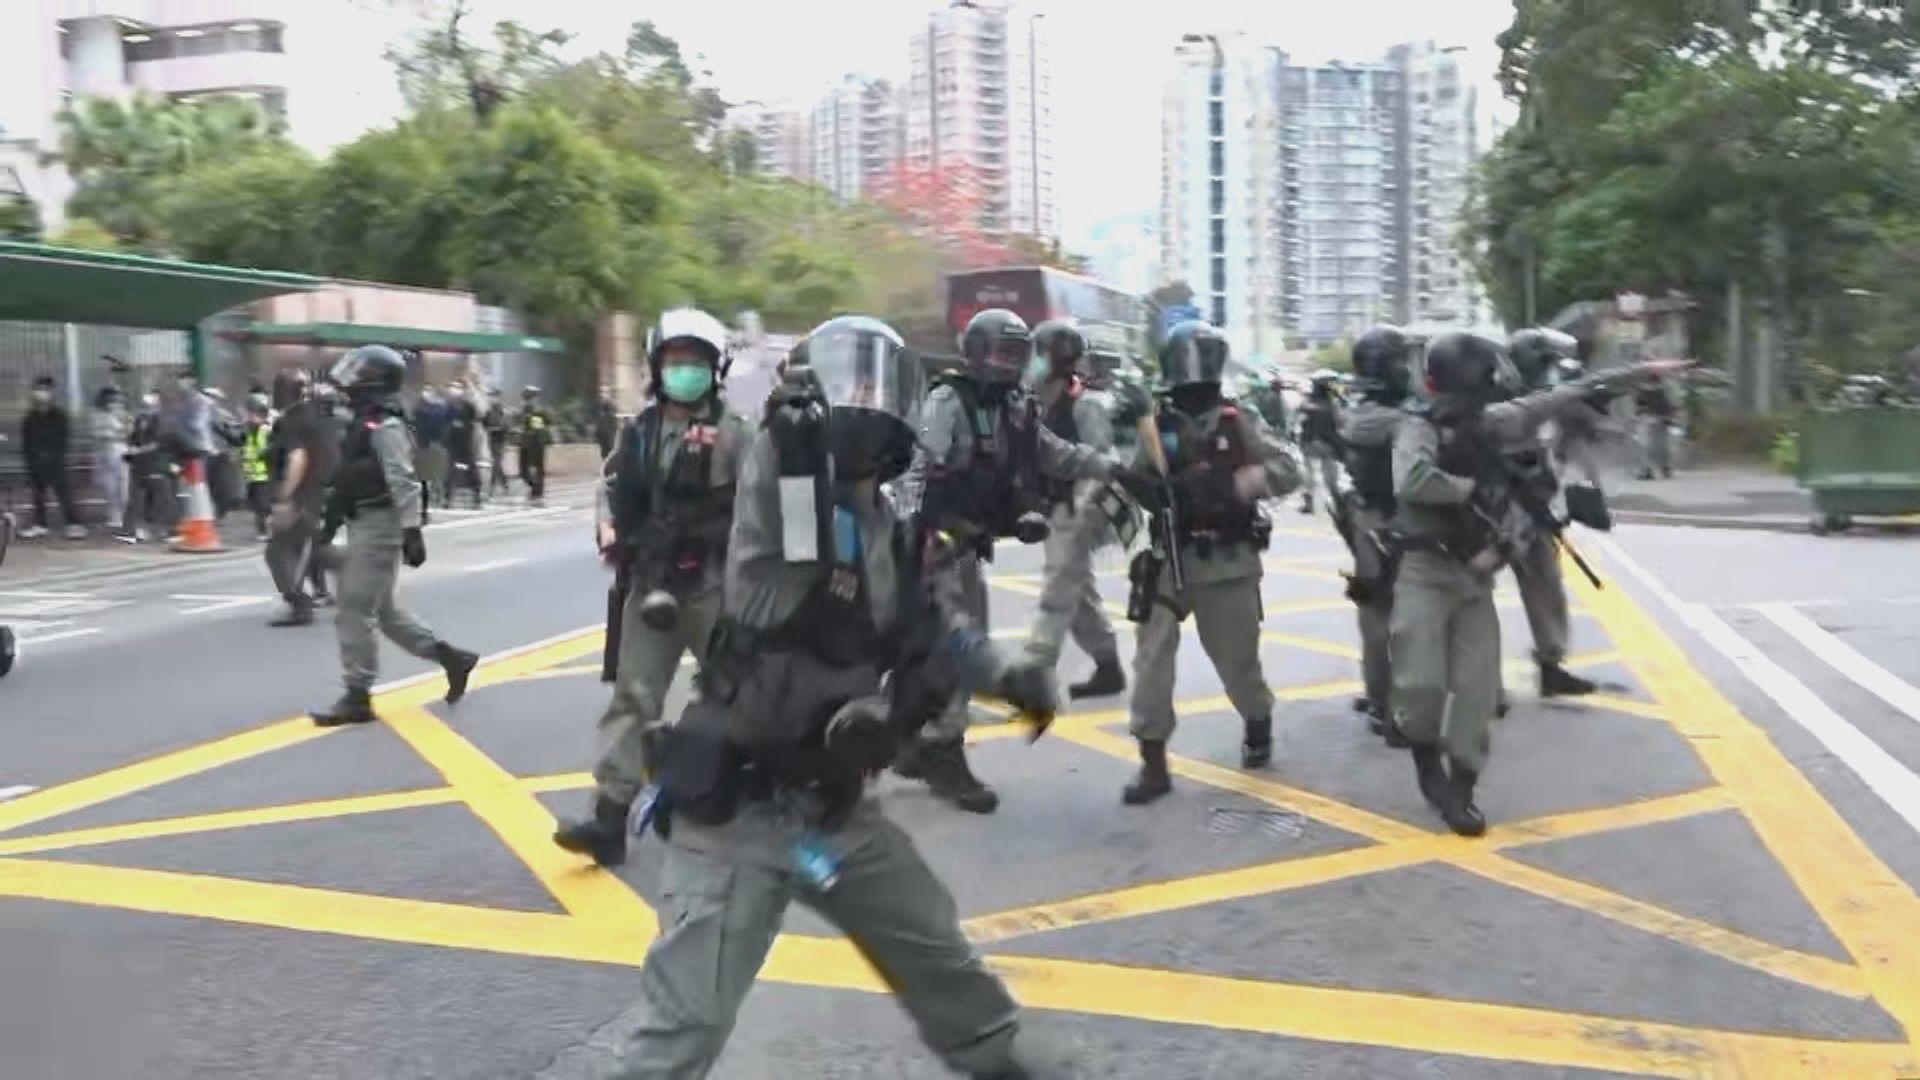 林鄭否認縱容警隊 稱如有不滿可向有關部門投訴